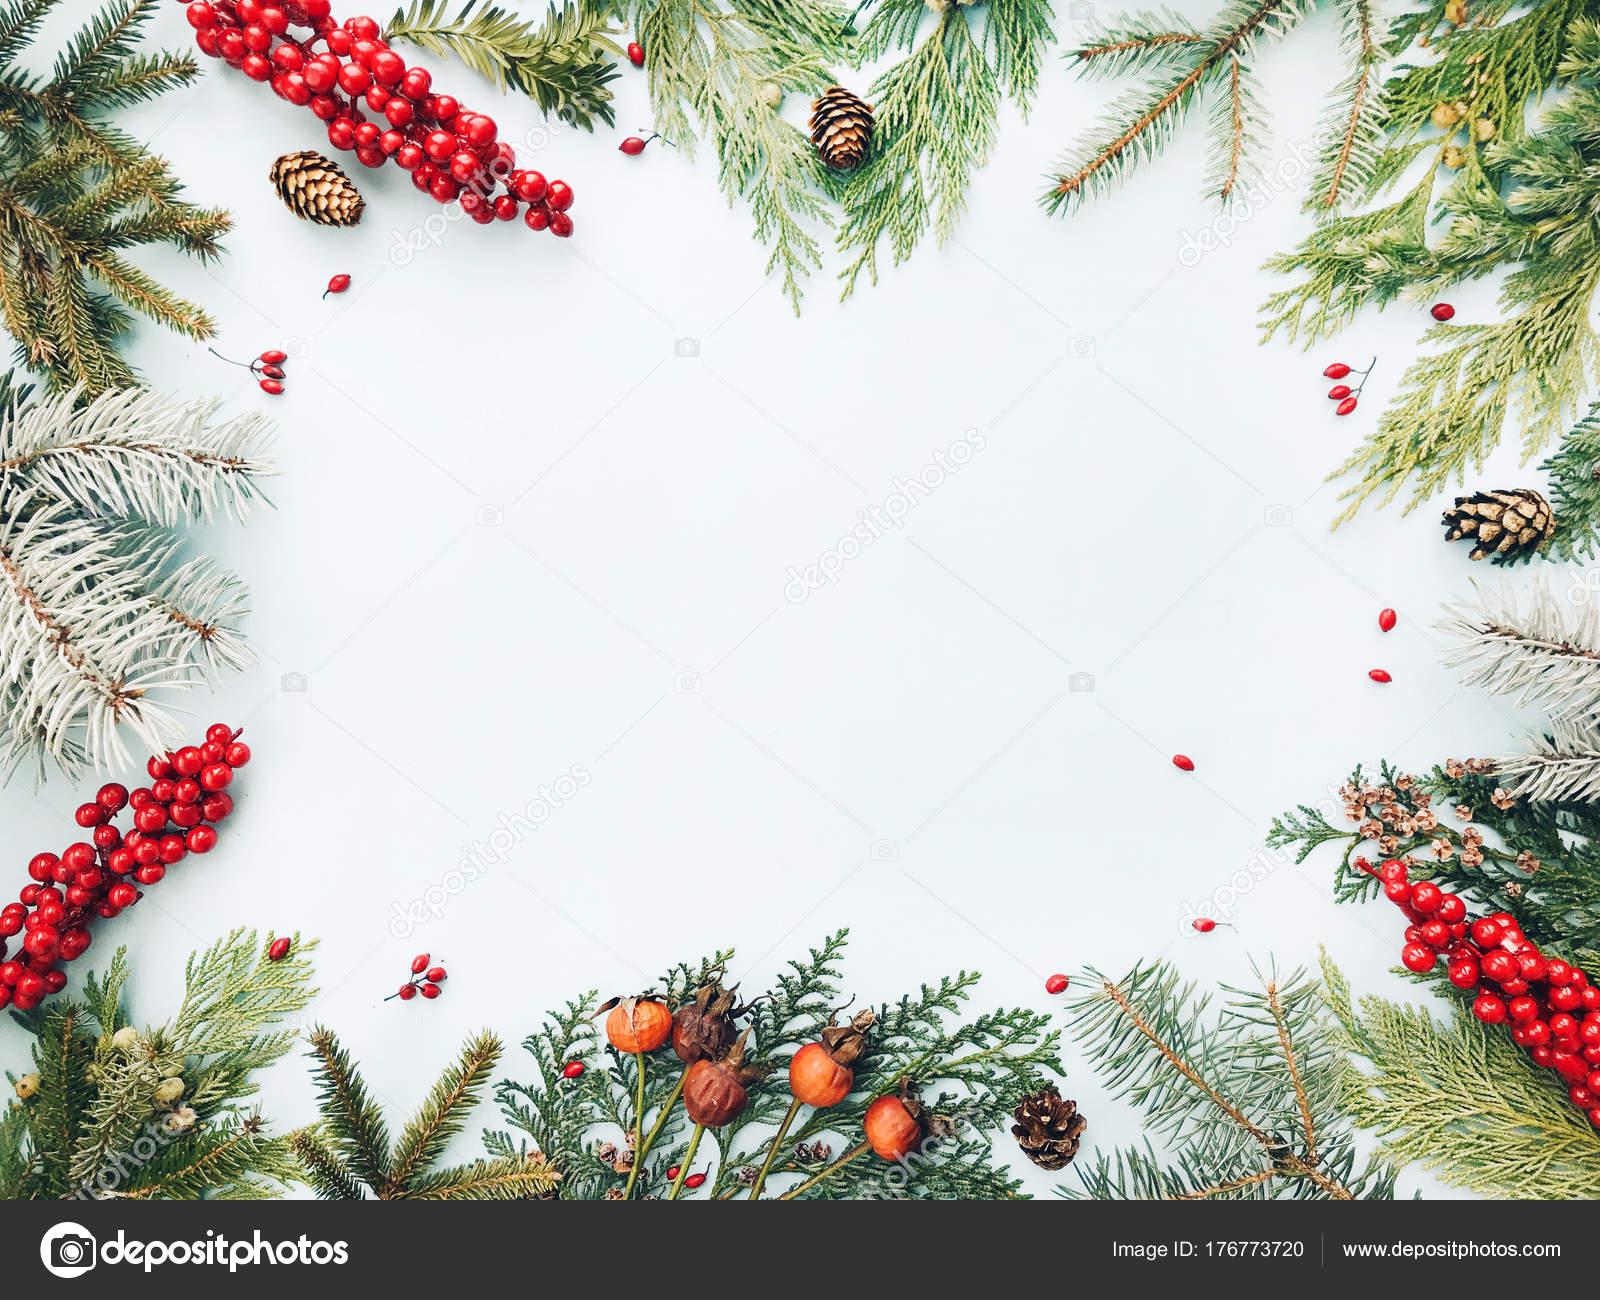 Fondo Navidad Marco Floral Hecho Abeto Navidad Abeto Tuya árbol